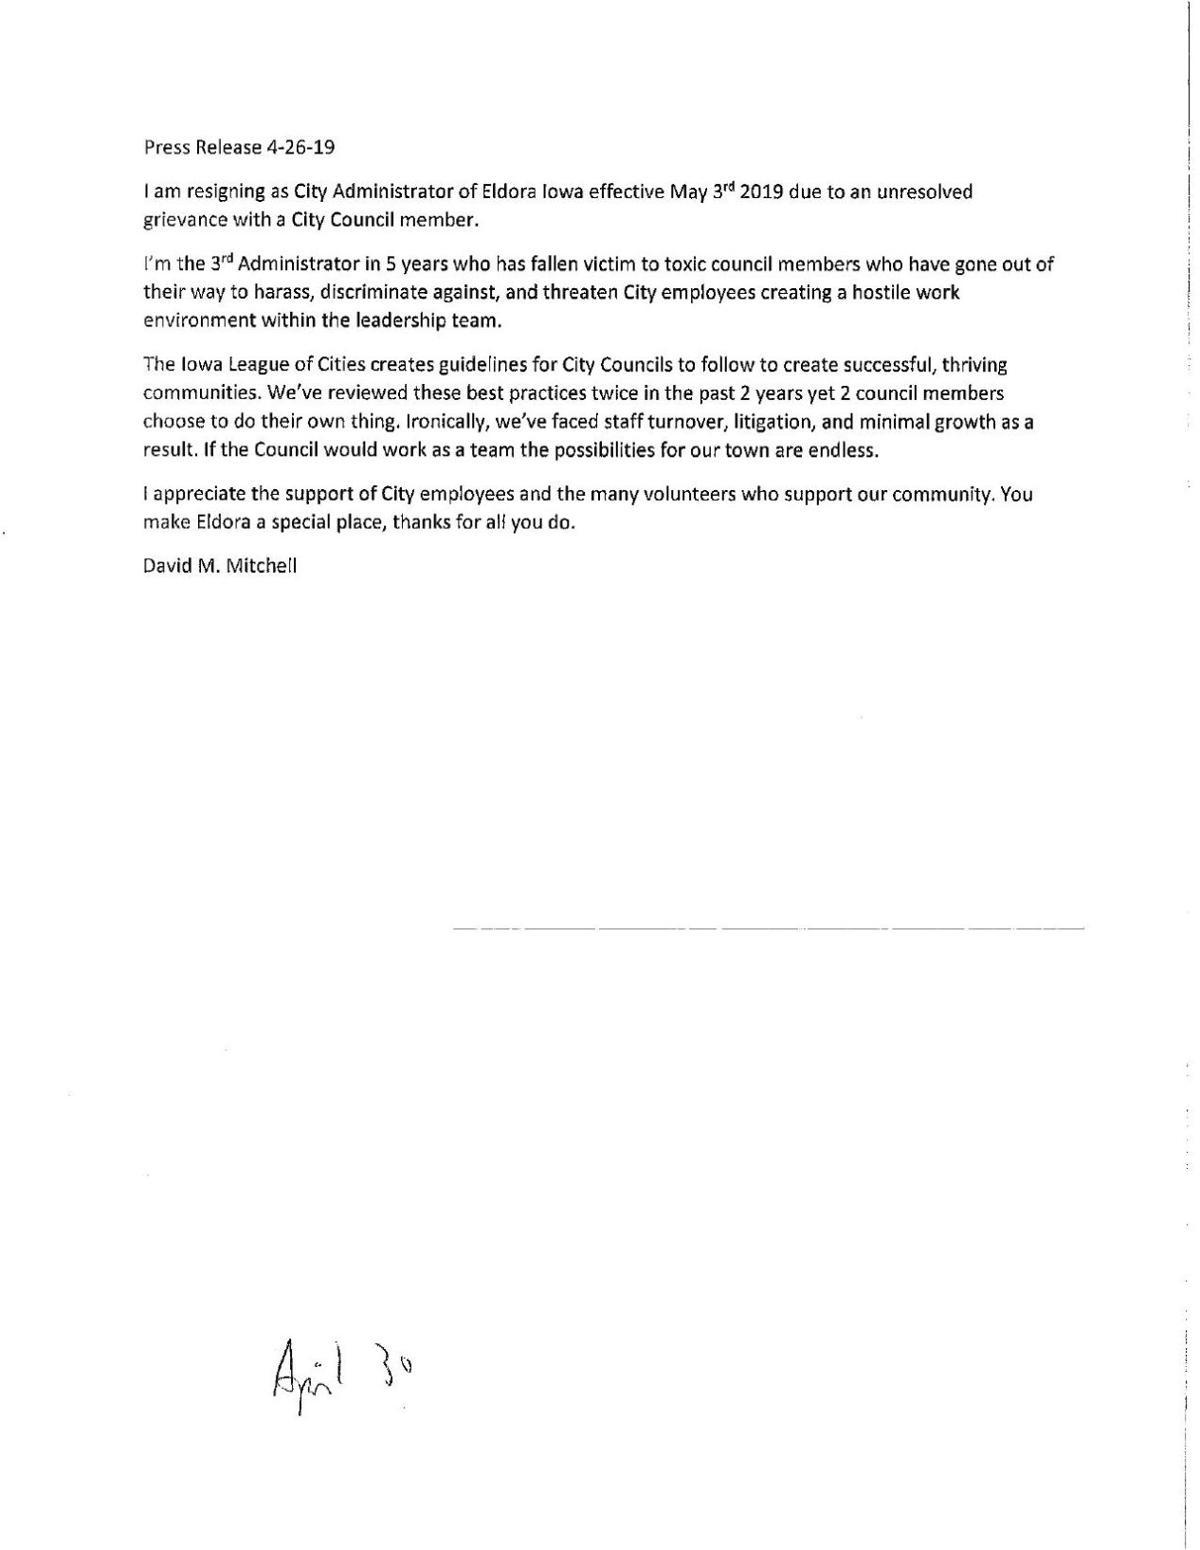 Resignation Letter For Hostile Work Environment from bloximages.newyork1.vip.townnews.com